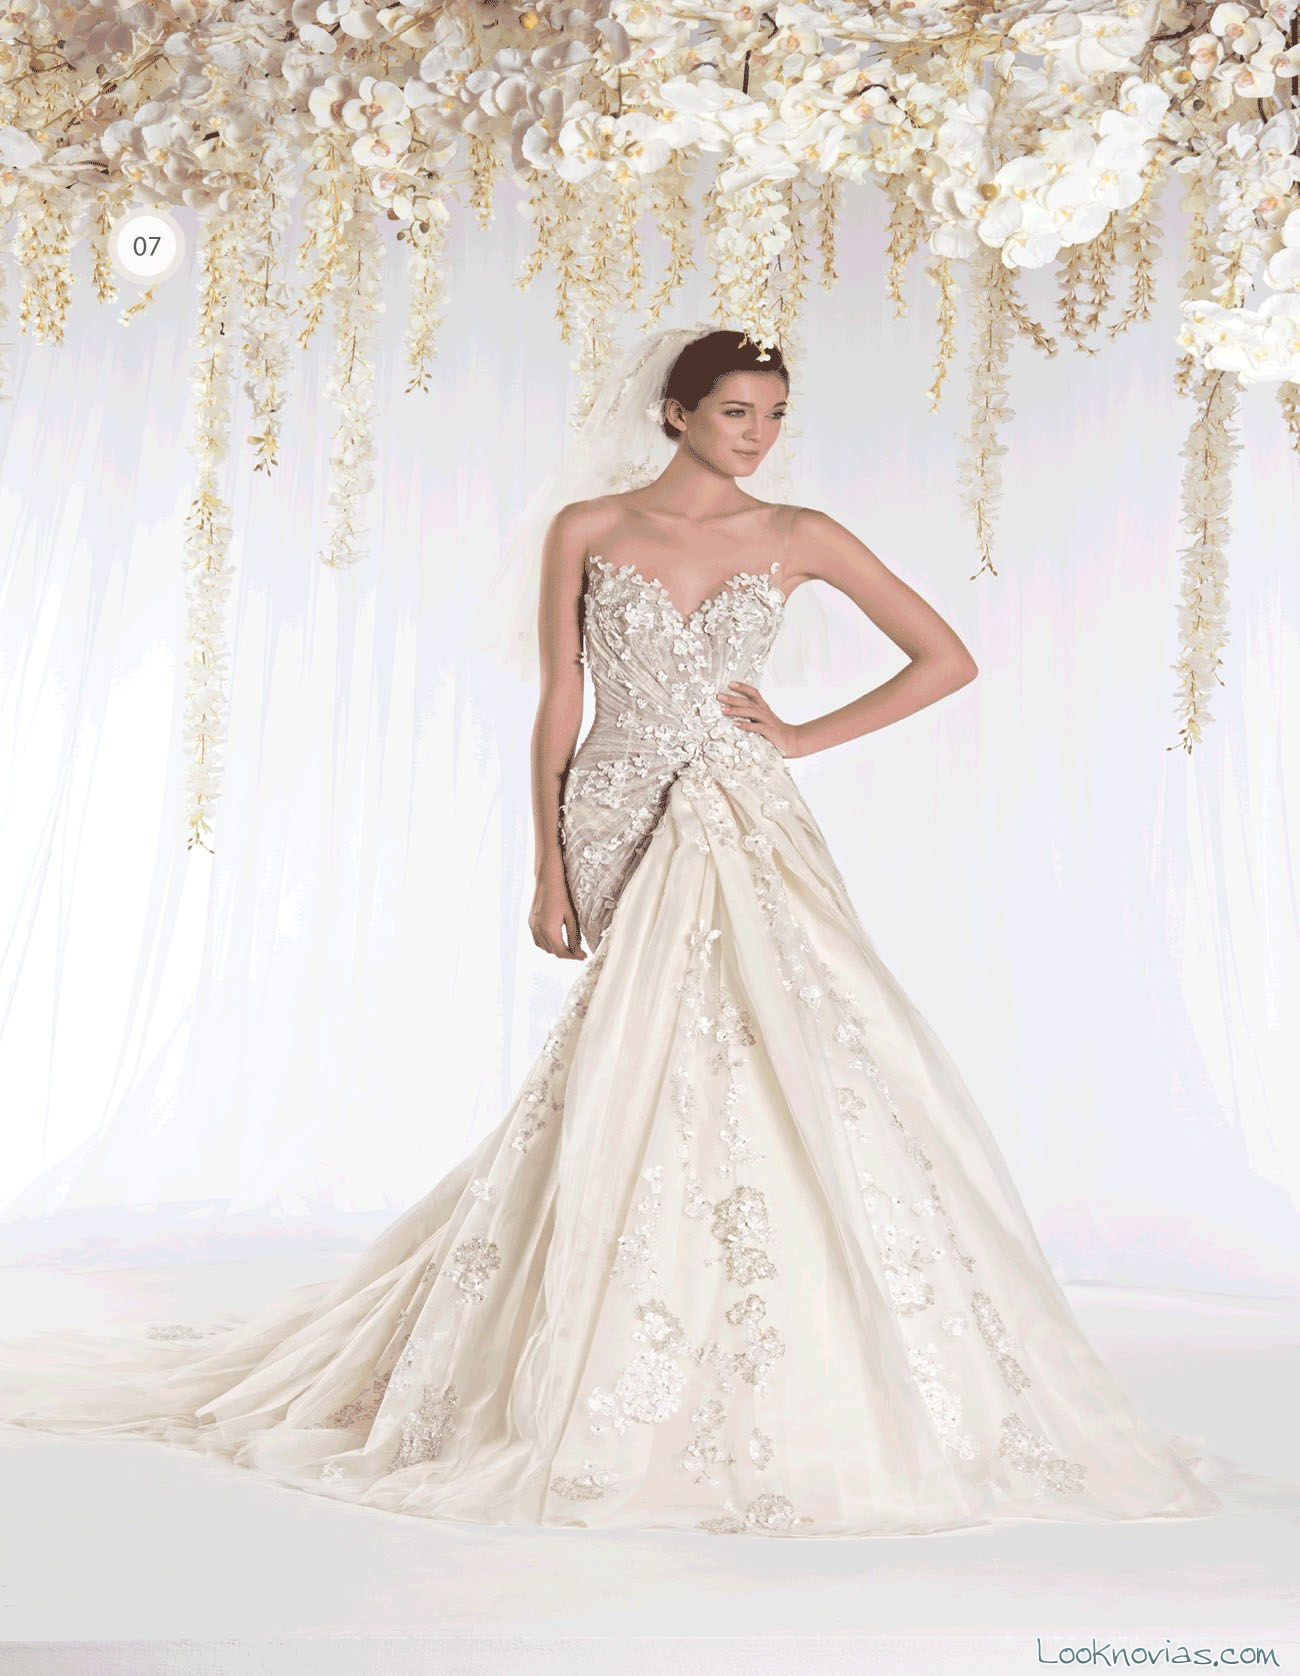 vestido de novia ziad nakad con volumen